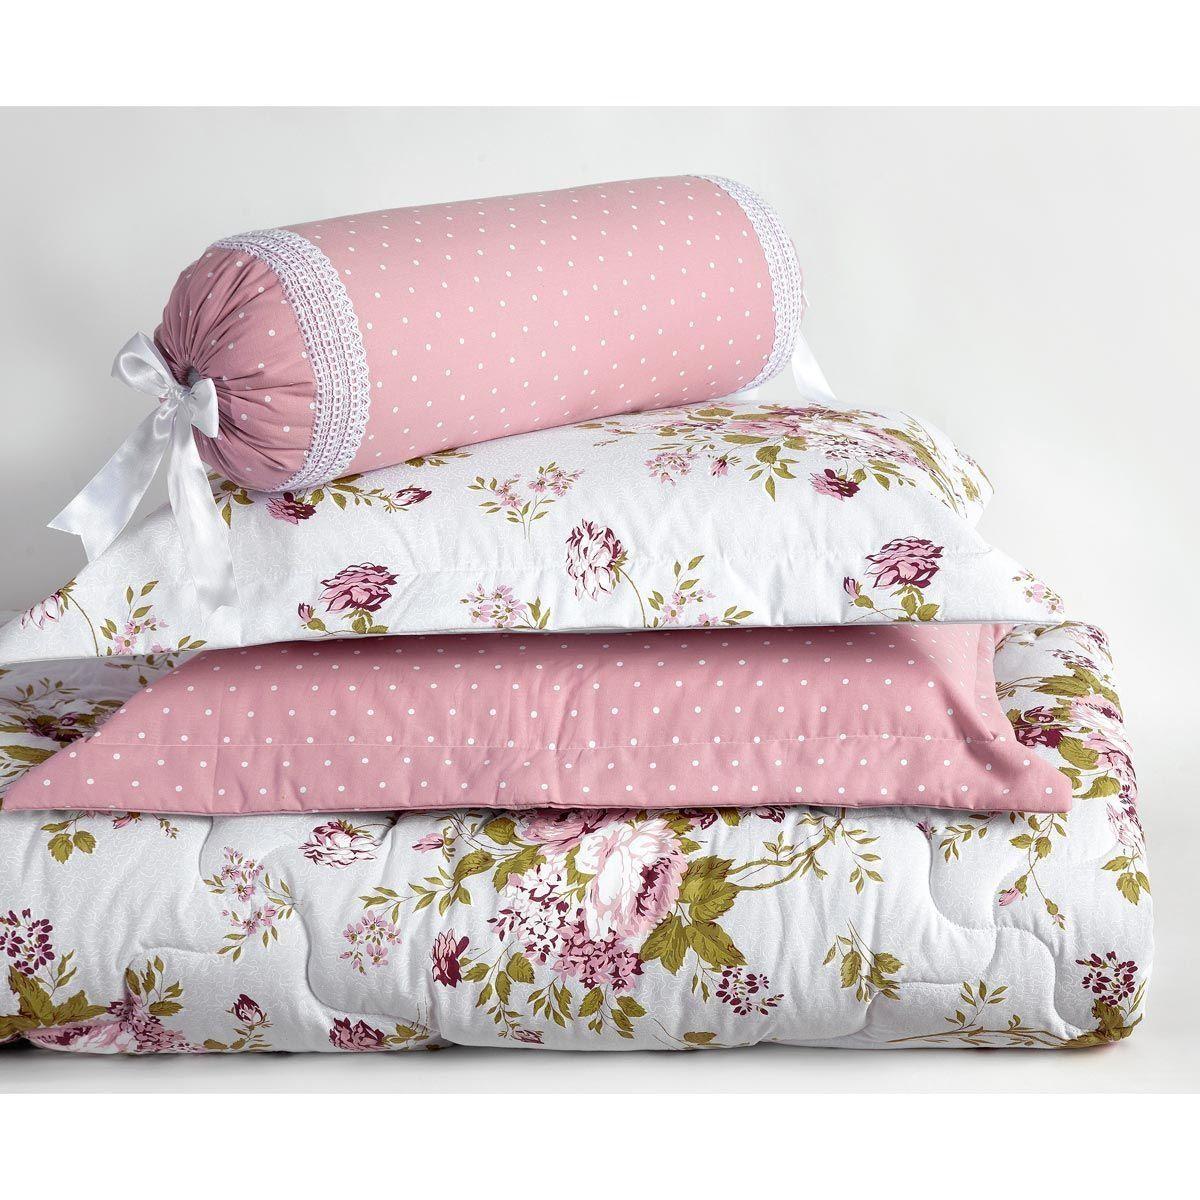 Kit Edredom Casal Queen Passione 6 Peças Estampado Percal 200 Fios com 4 Porta Travesseiros - Rosê